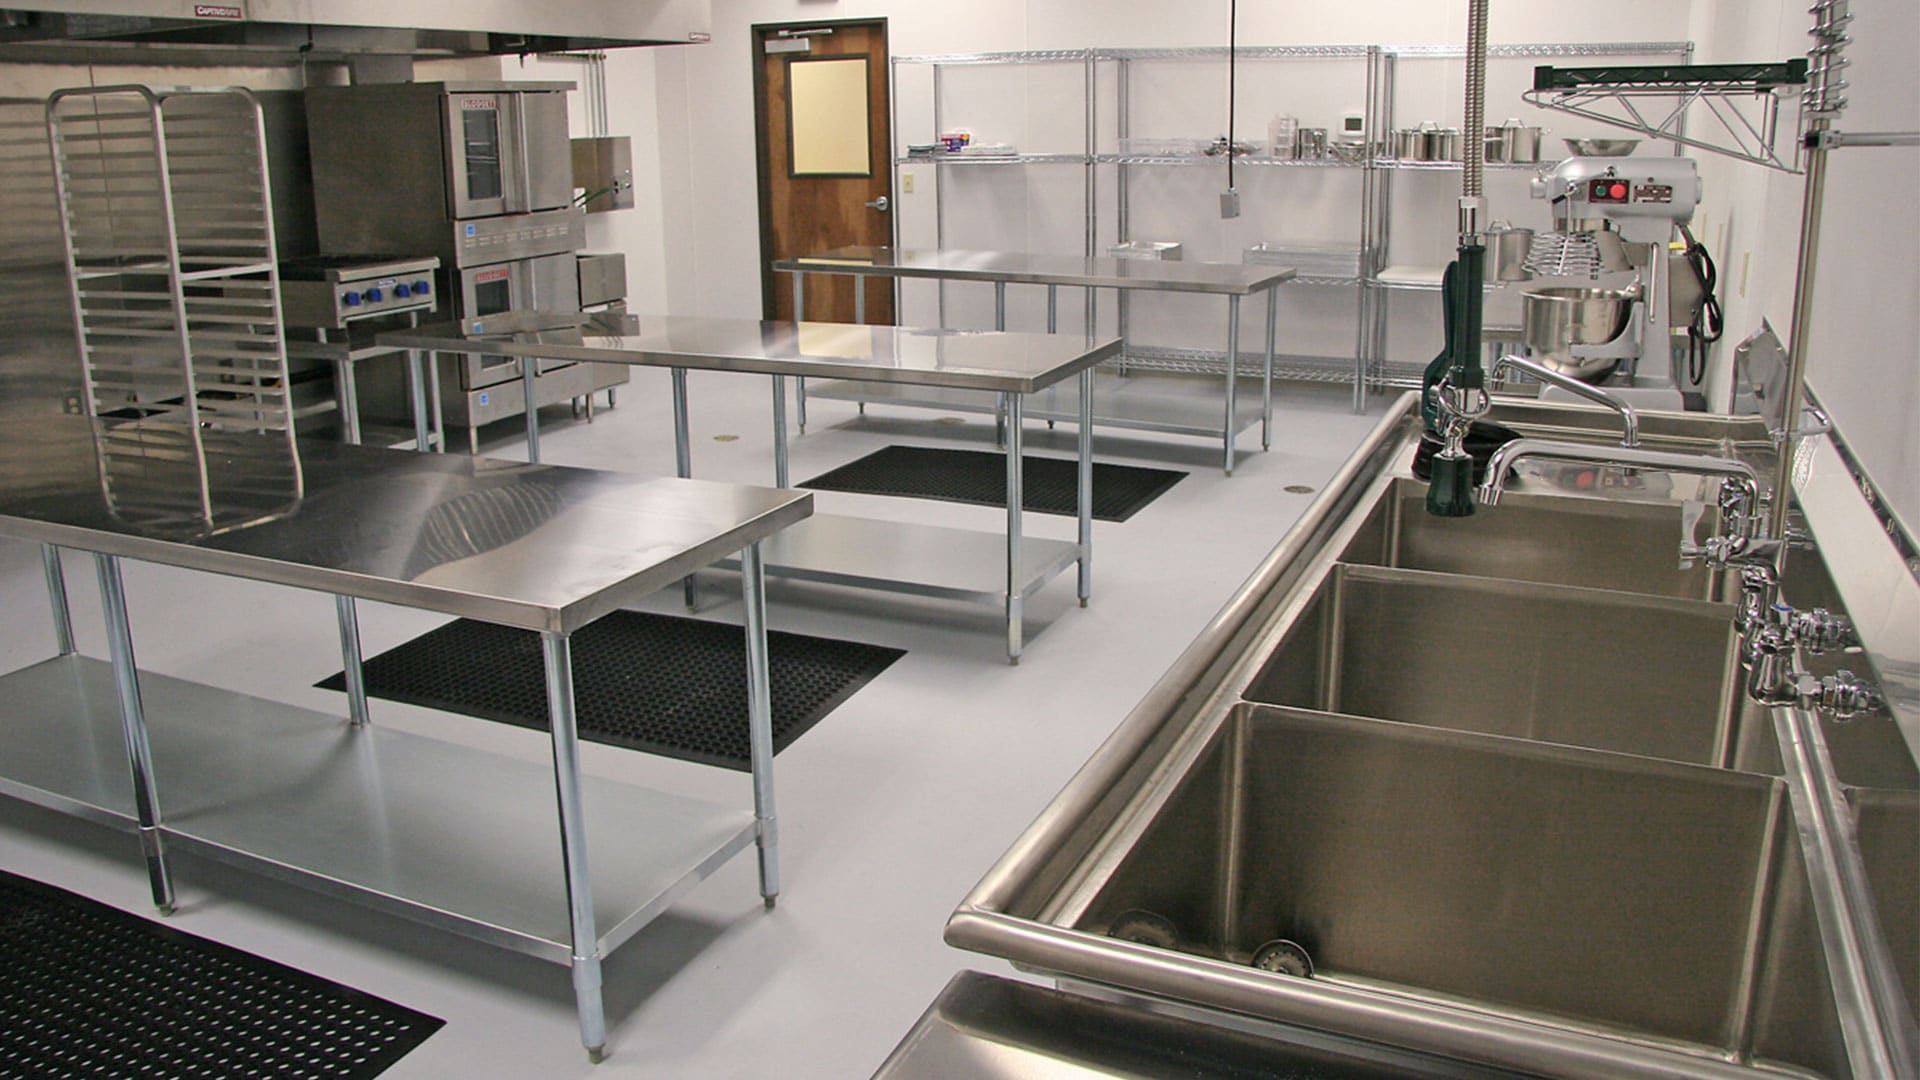 100 Catering And Commissary Design Consultant Website Design Portfolio 540 Design Studio